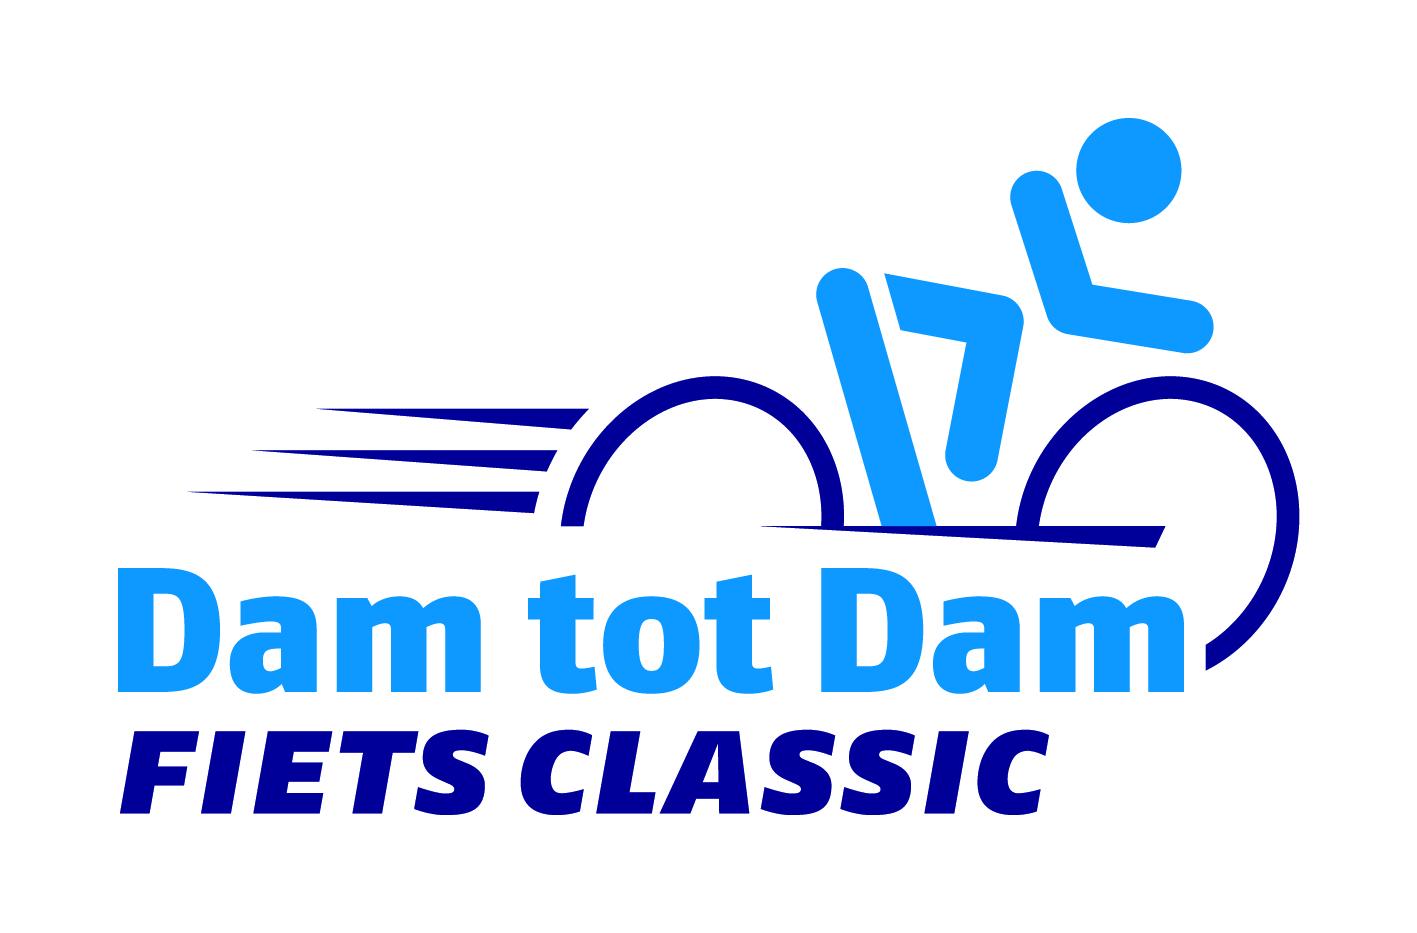 DTD_fietsclassic